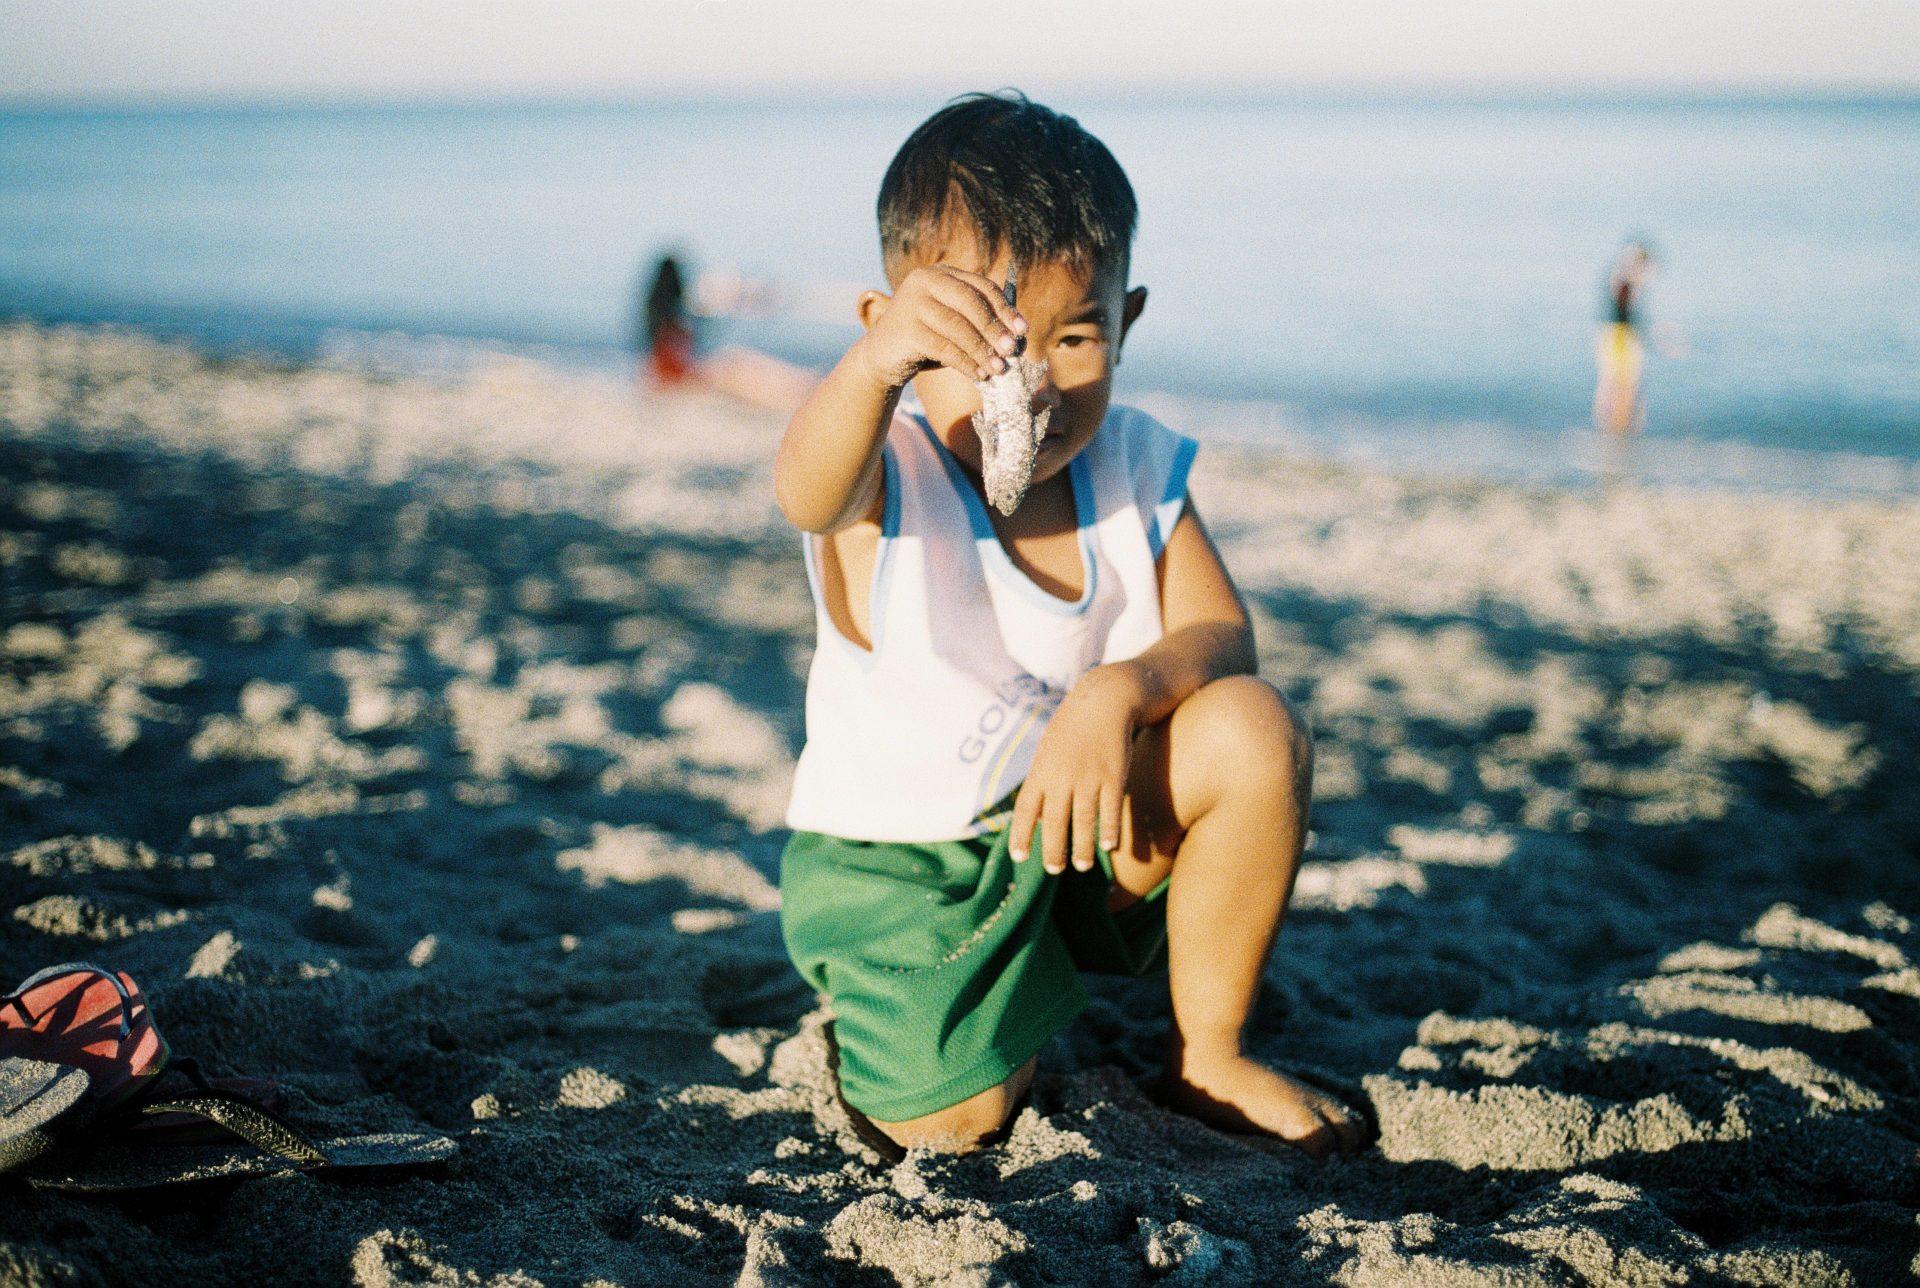 Junge mit Fisch